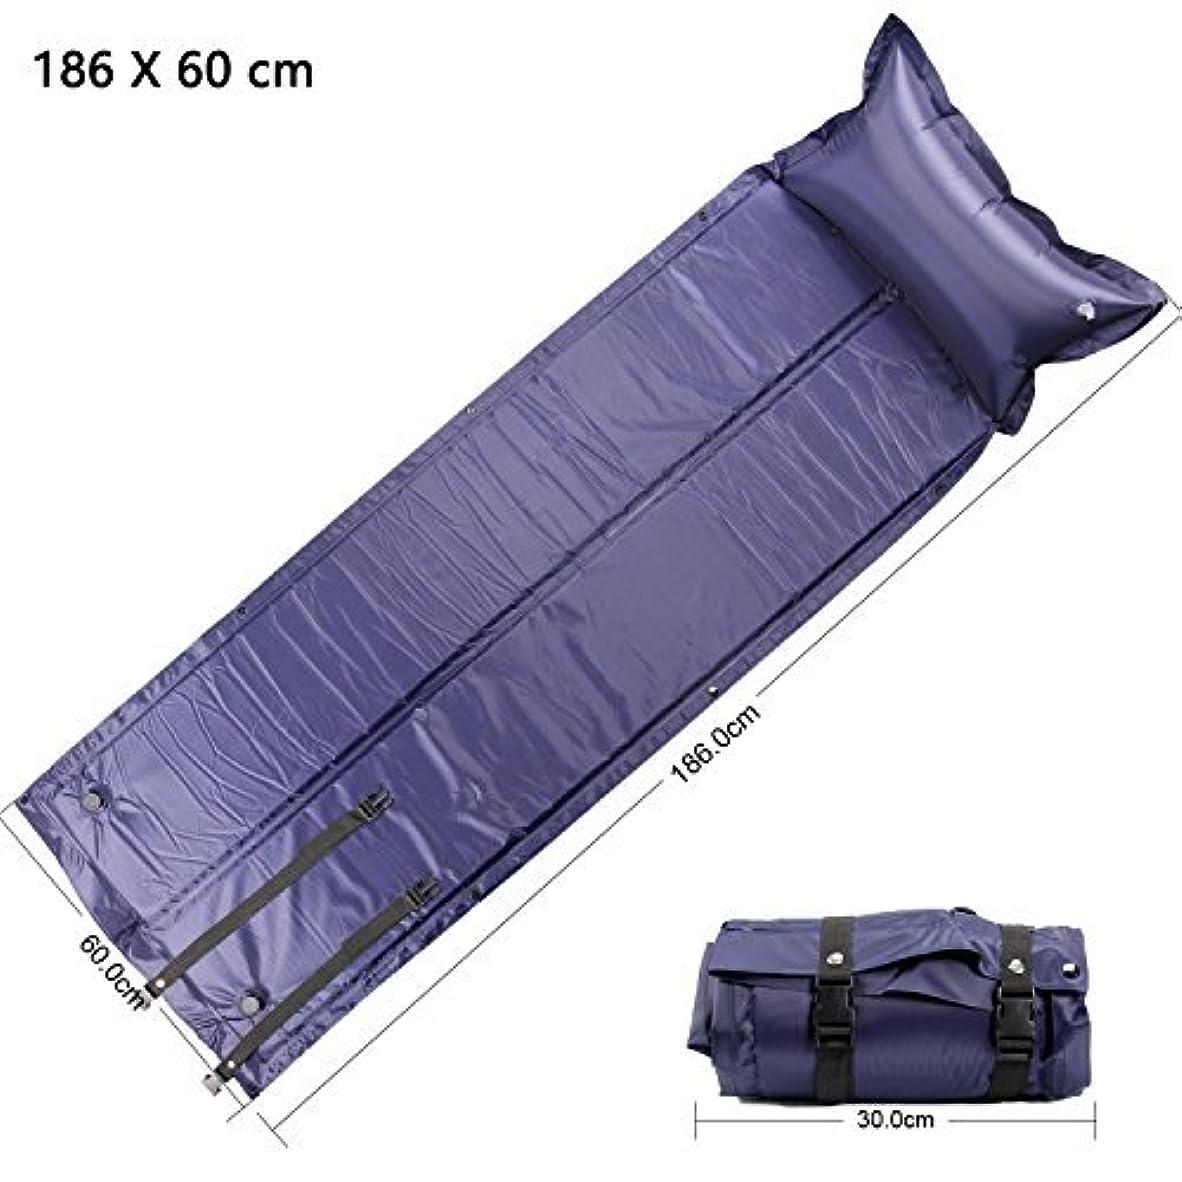 深く打倒対角線Beito 自動膨張式 エアーマット キャンピングマット キャンプマット エアピロー付き 防水 コンパクト 連結可能 収納 車中泊 高反発 2.5cm 寝具 テント 紫